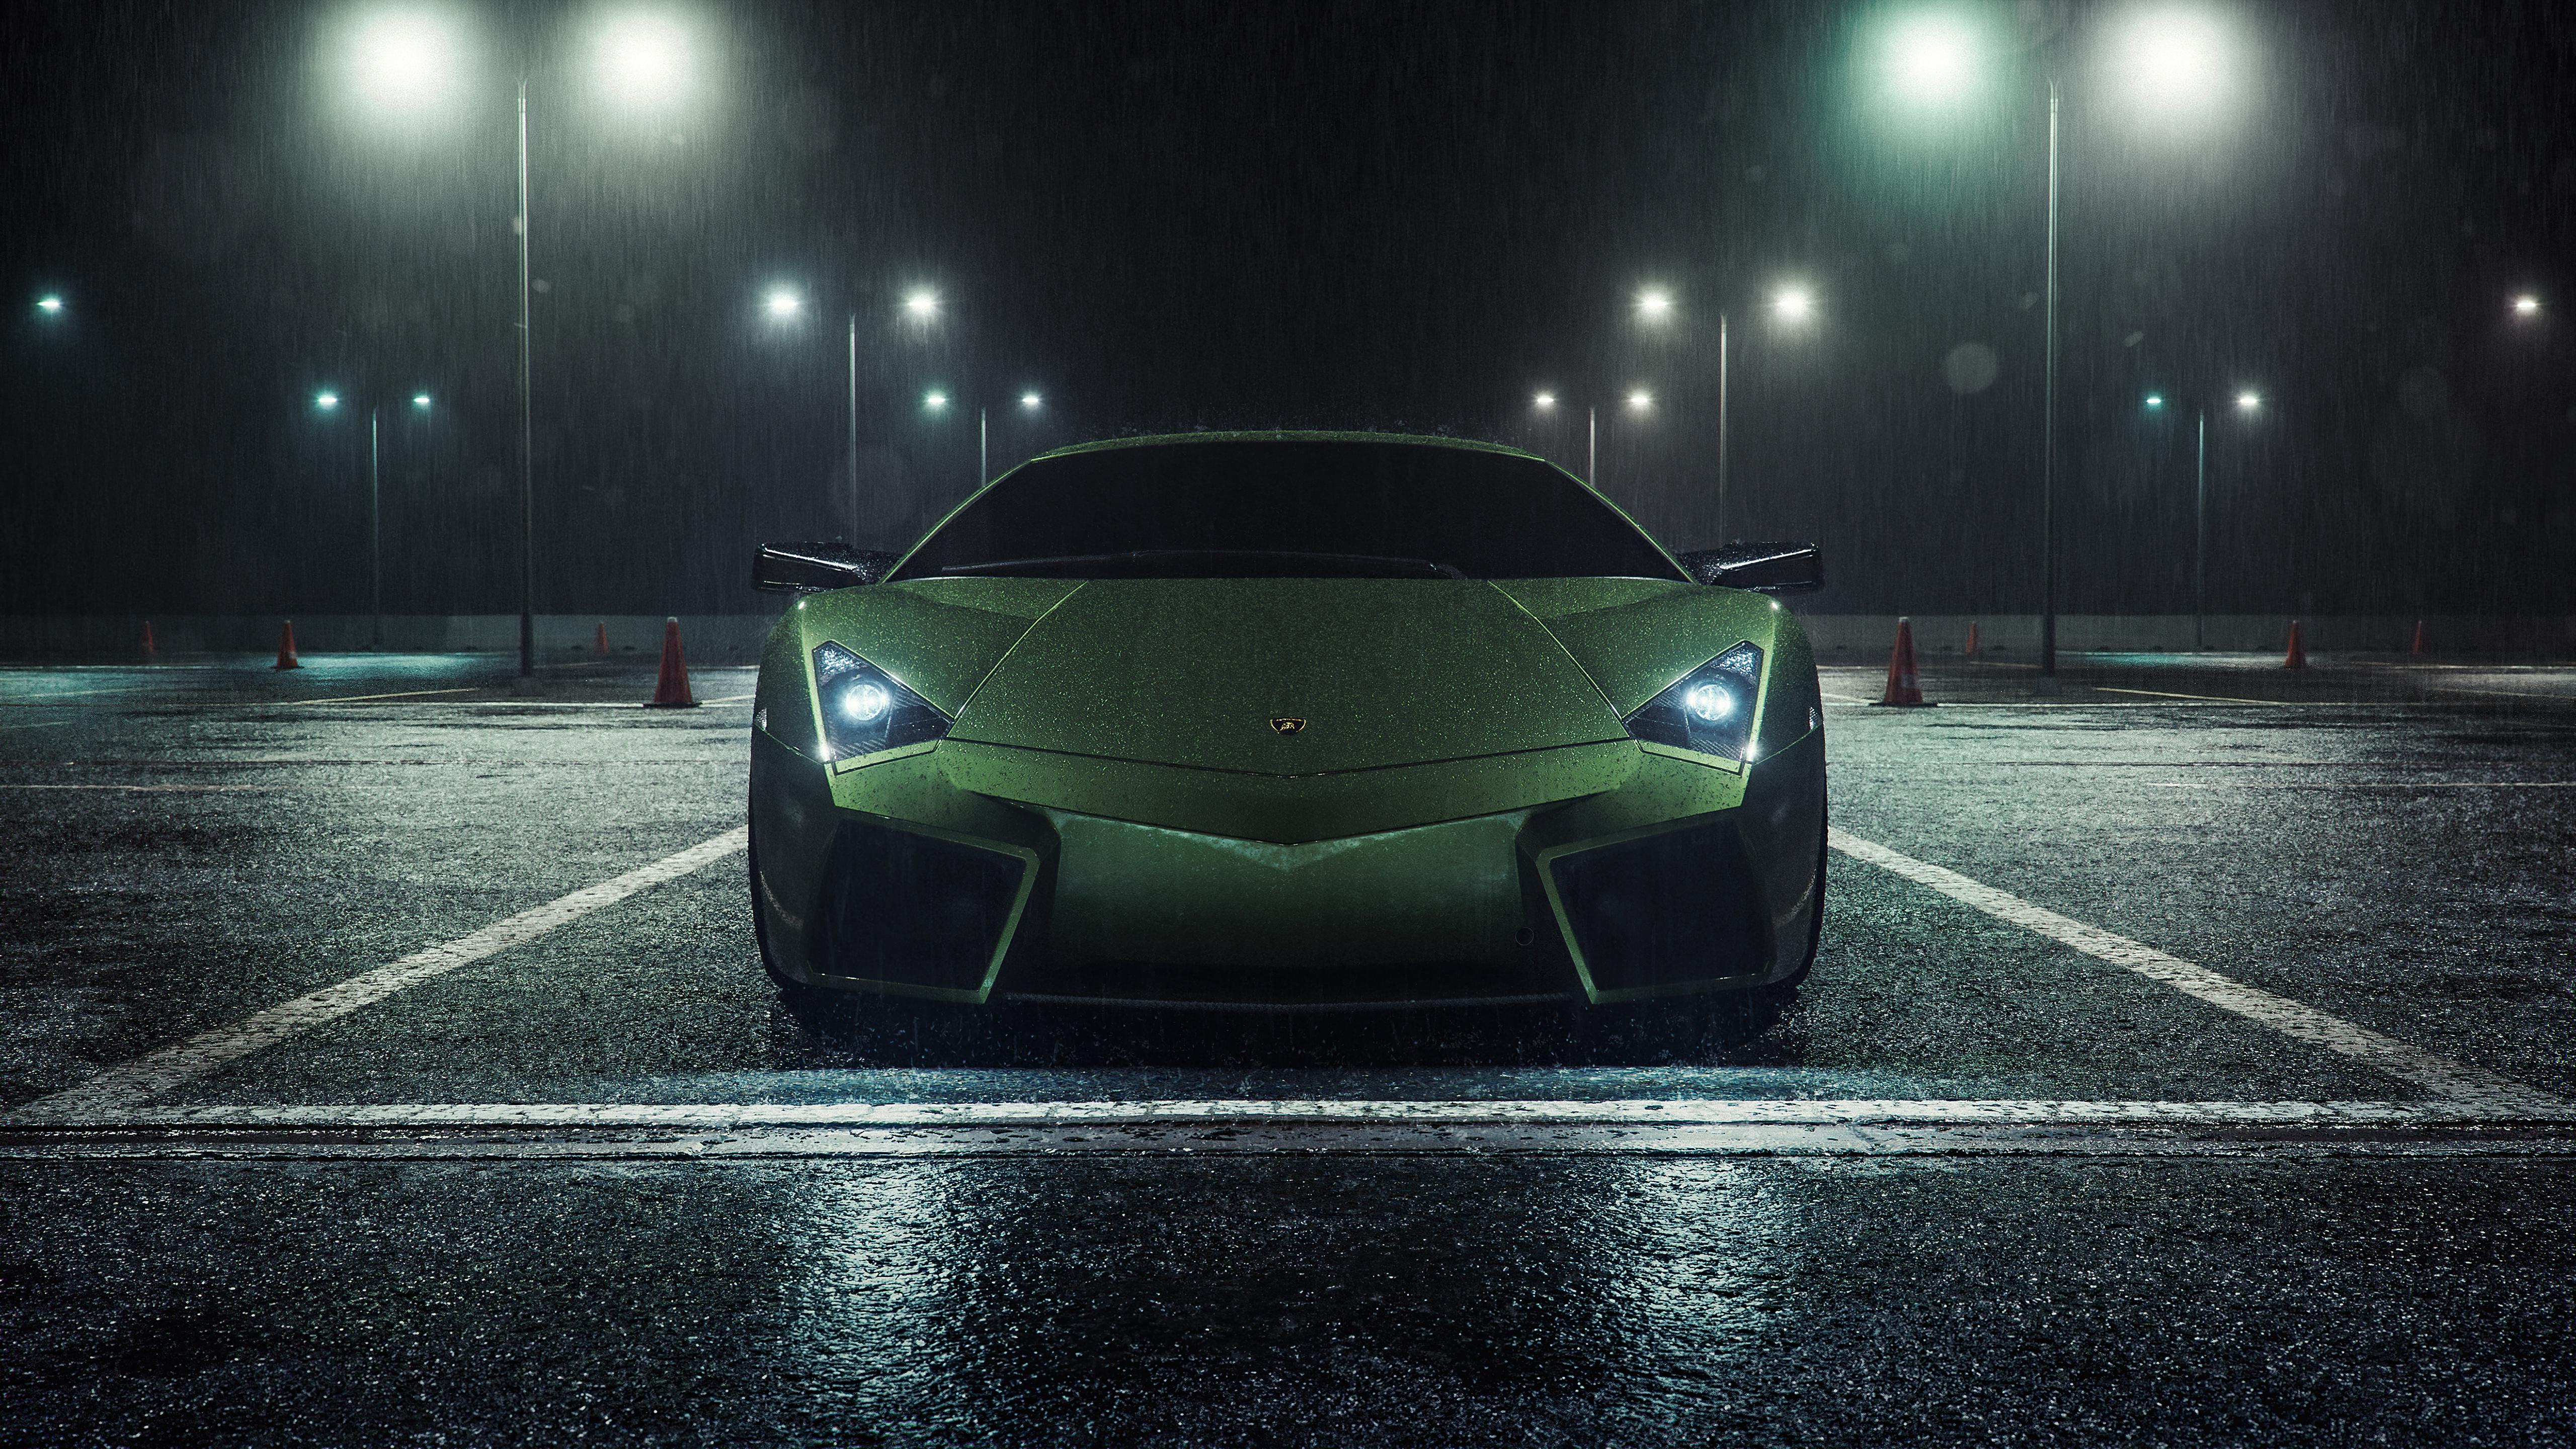 lamborghini reventon rain 4k 1620170556 - Lamborghini Reventon Rain 4k - Lamborghini Reventon Rain 4k wallpapers